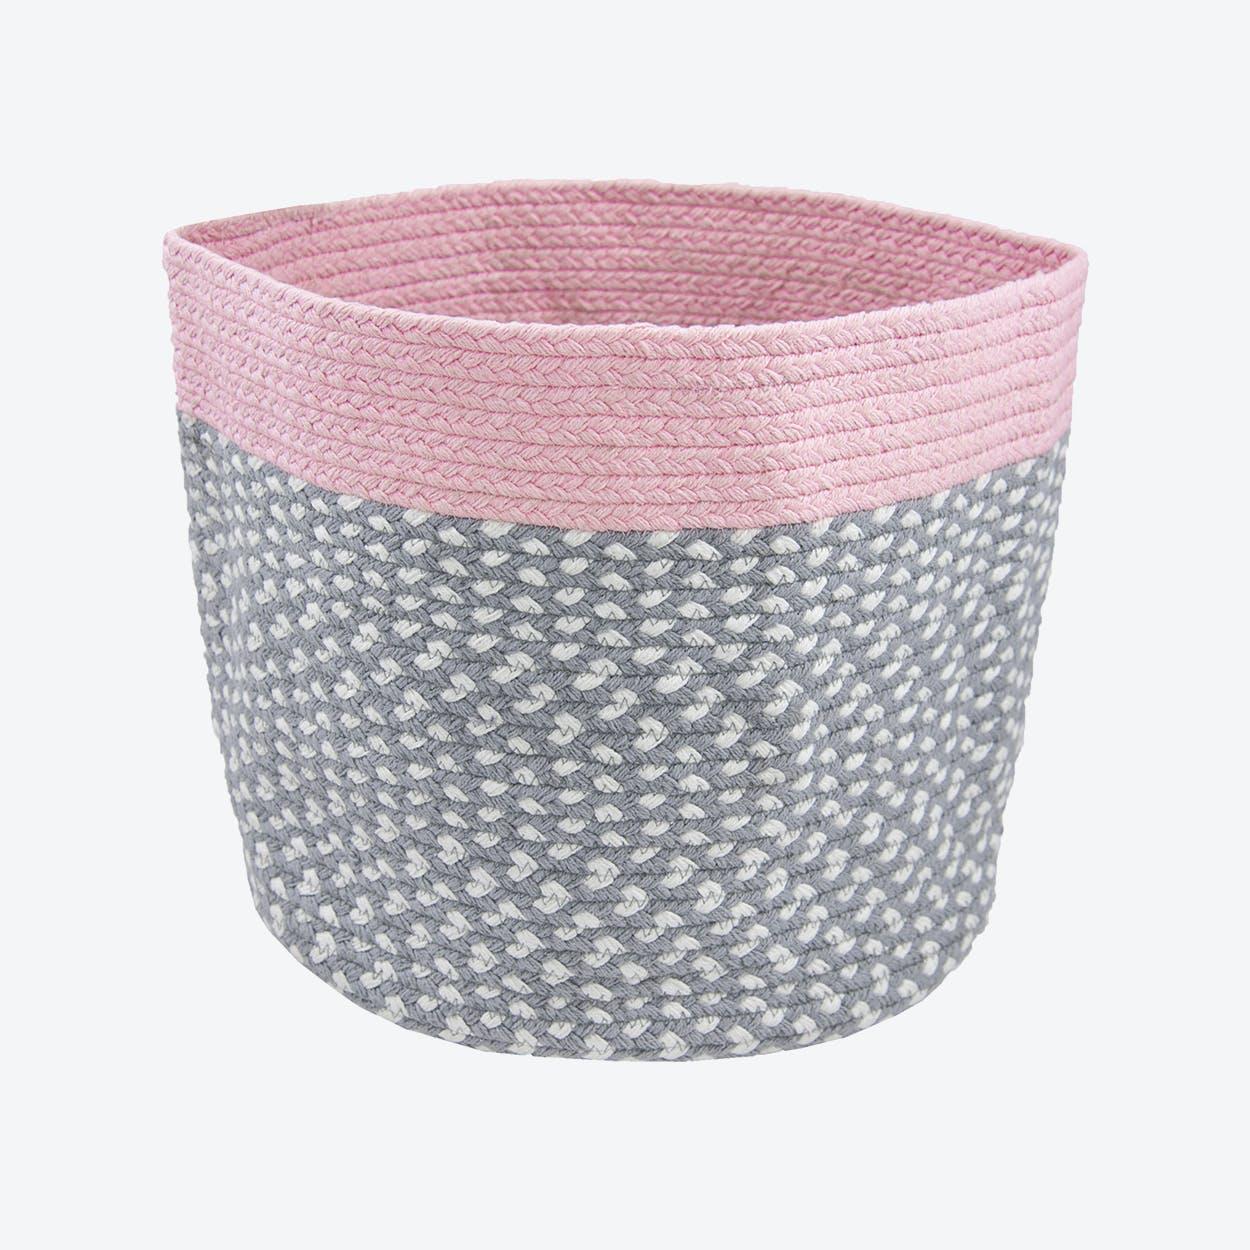 Rose Pink Brenda Storage Basket